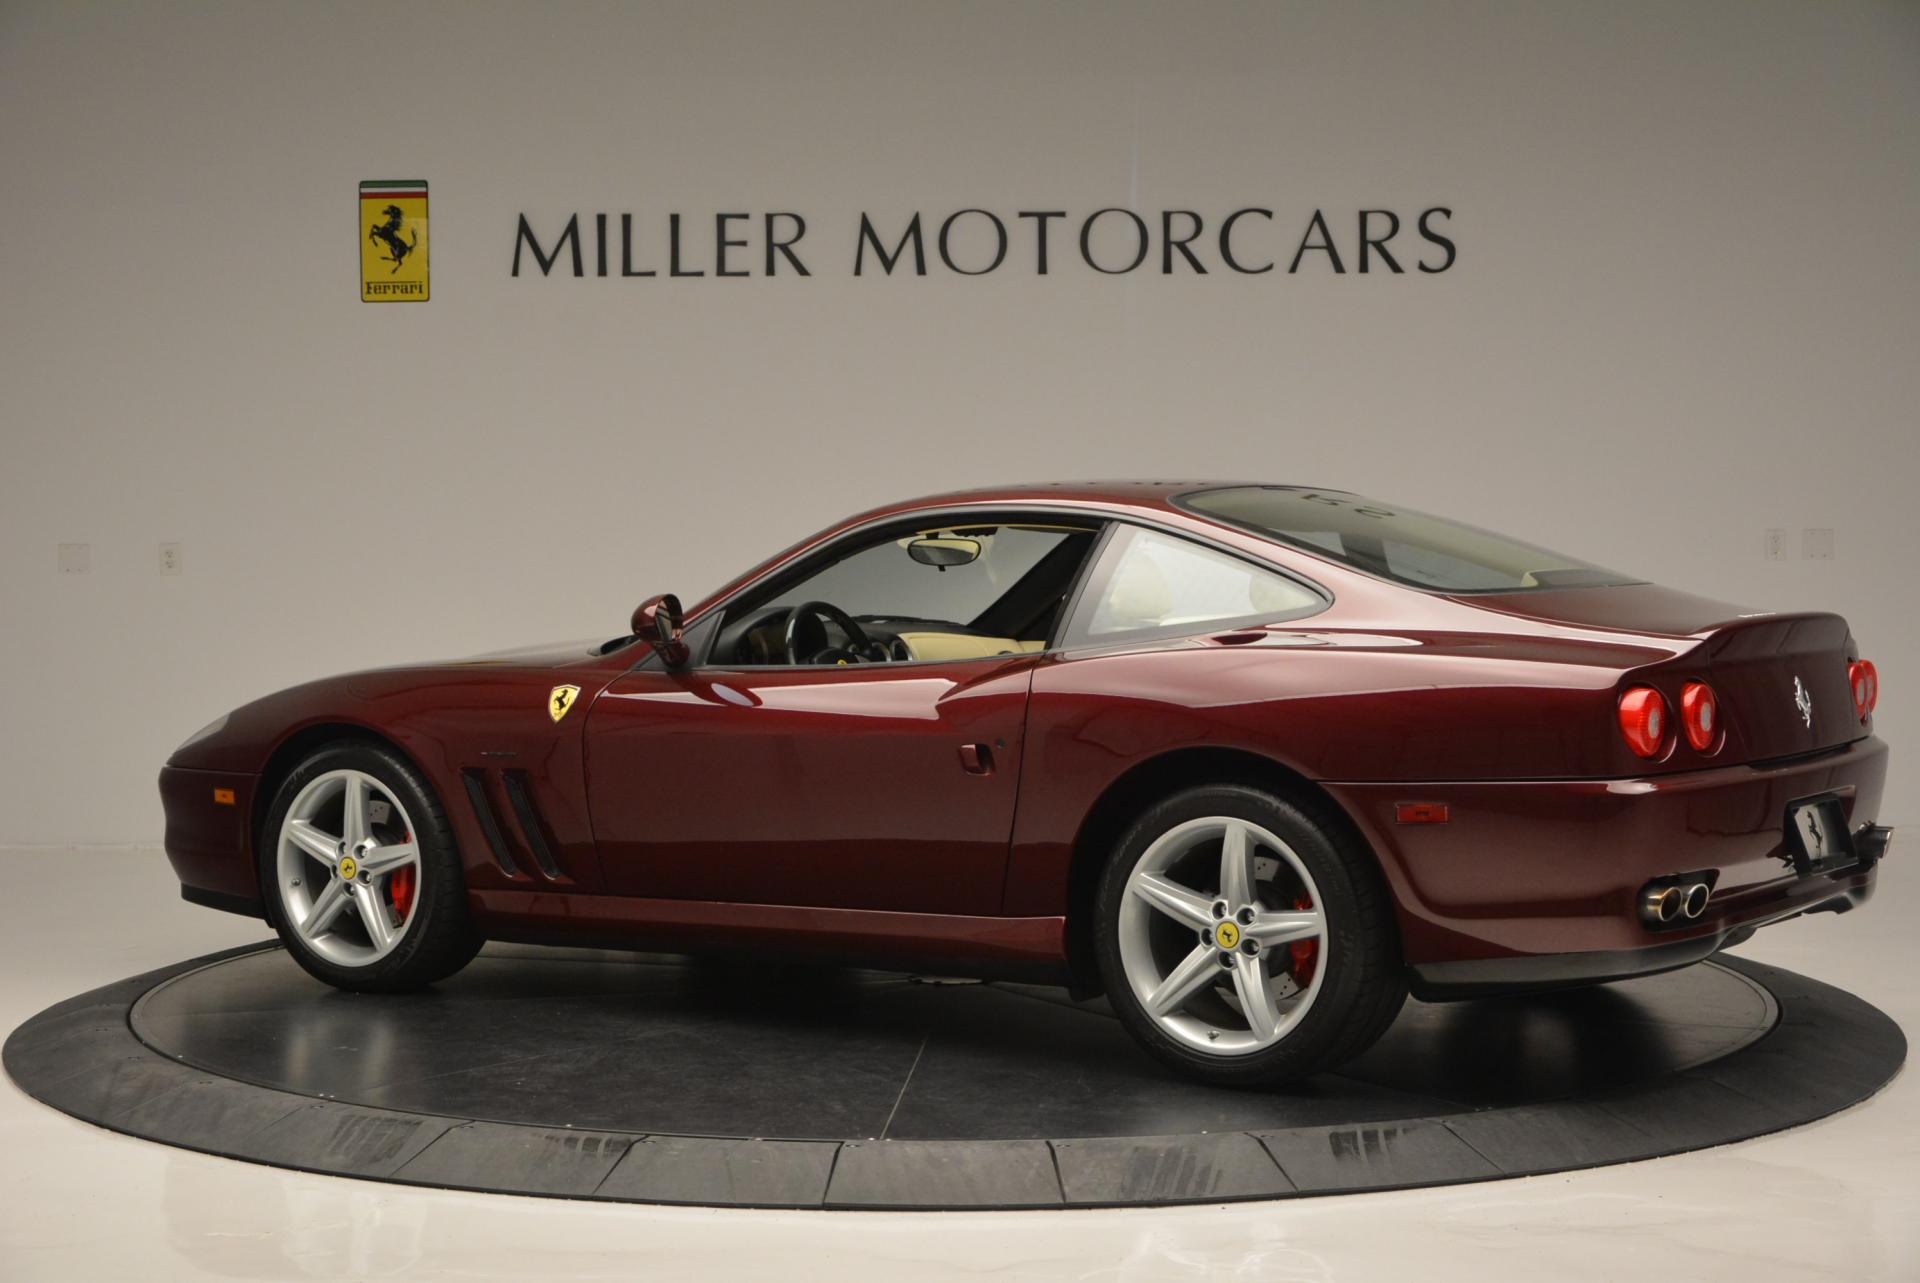 Used 2003 Ferrari 575M Maranello 6-Speed Manual For Sale In Greenwich, CT 143_p4